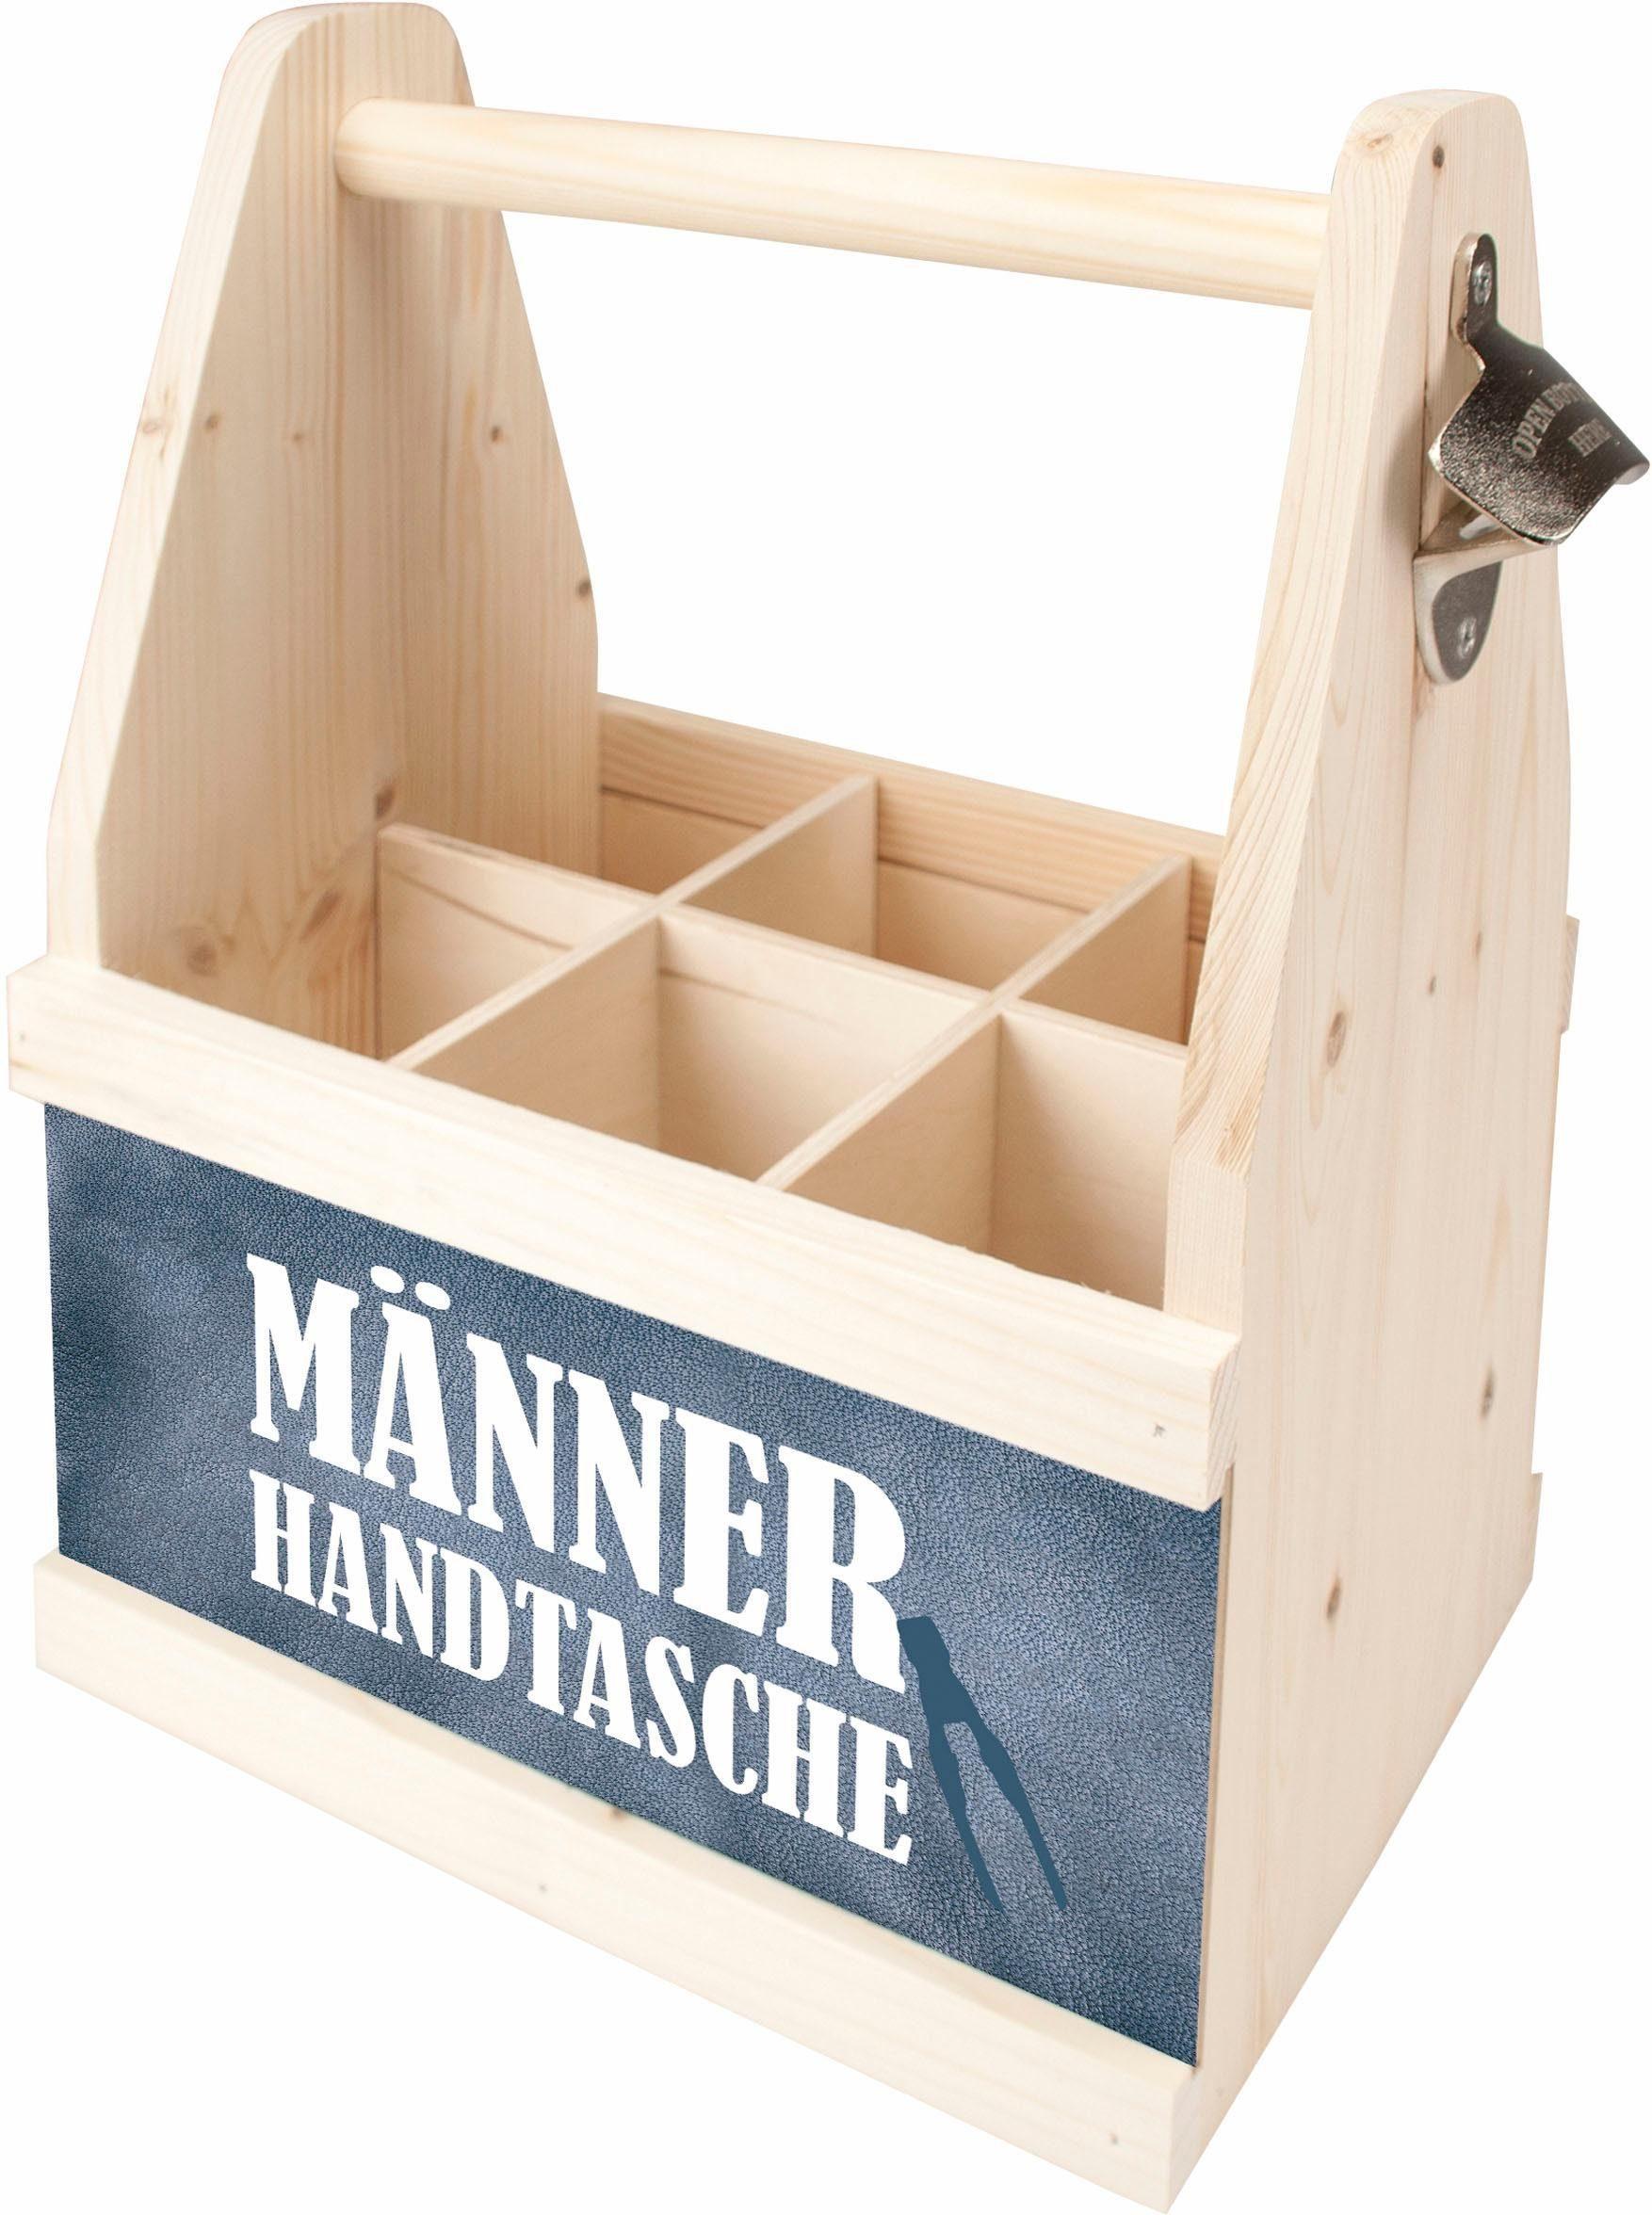 Contento Bier Caddy »Männer Handtasche«, Holz